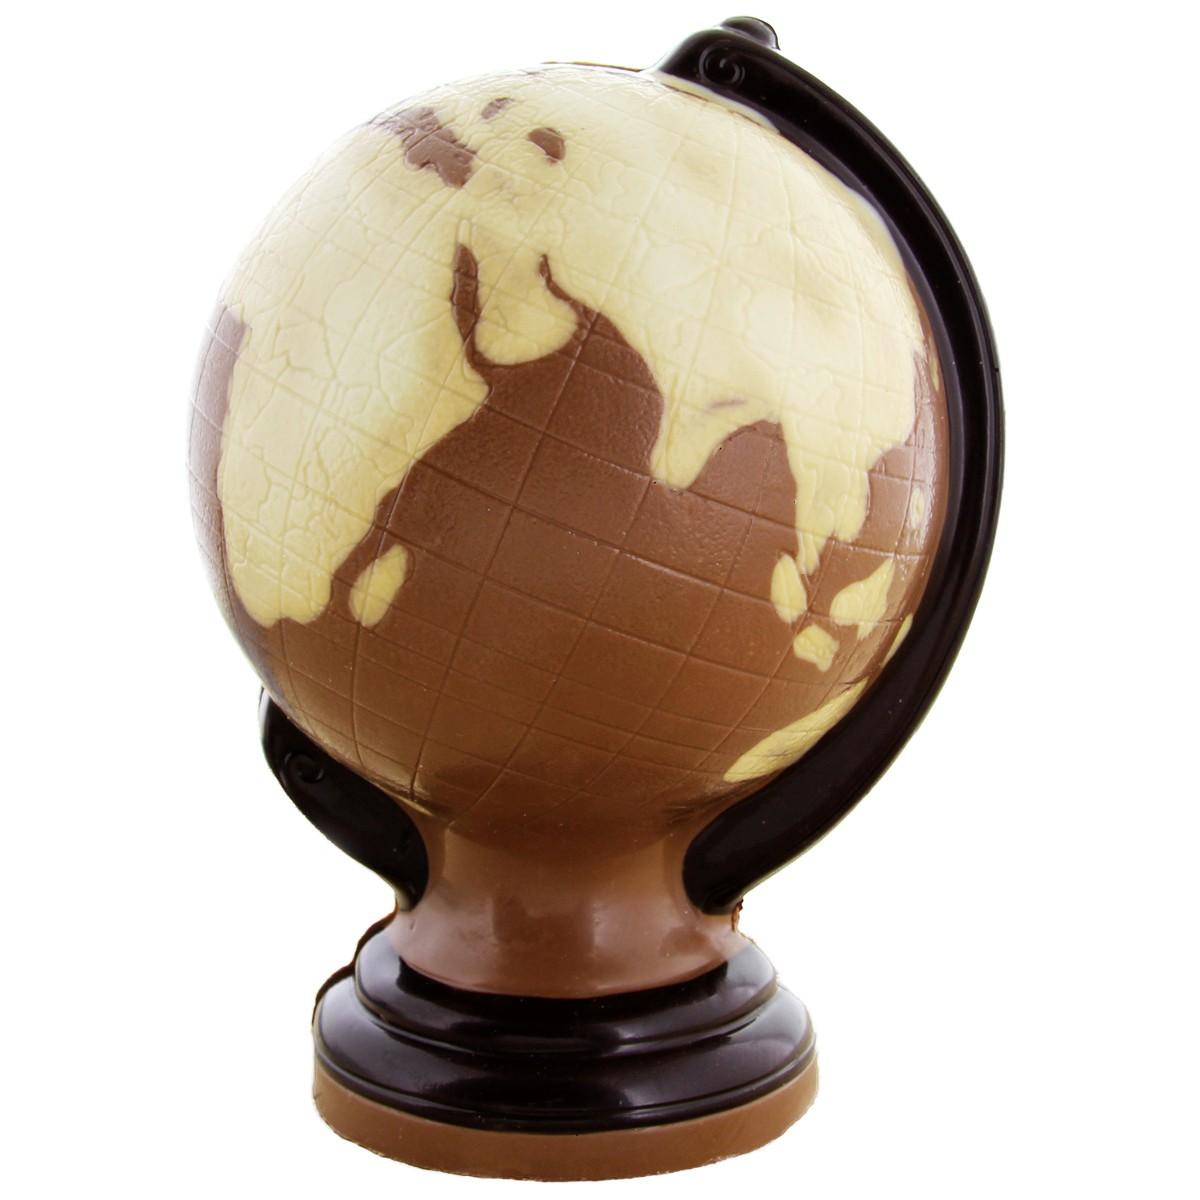 Schokoladen-Globus von Hussel